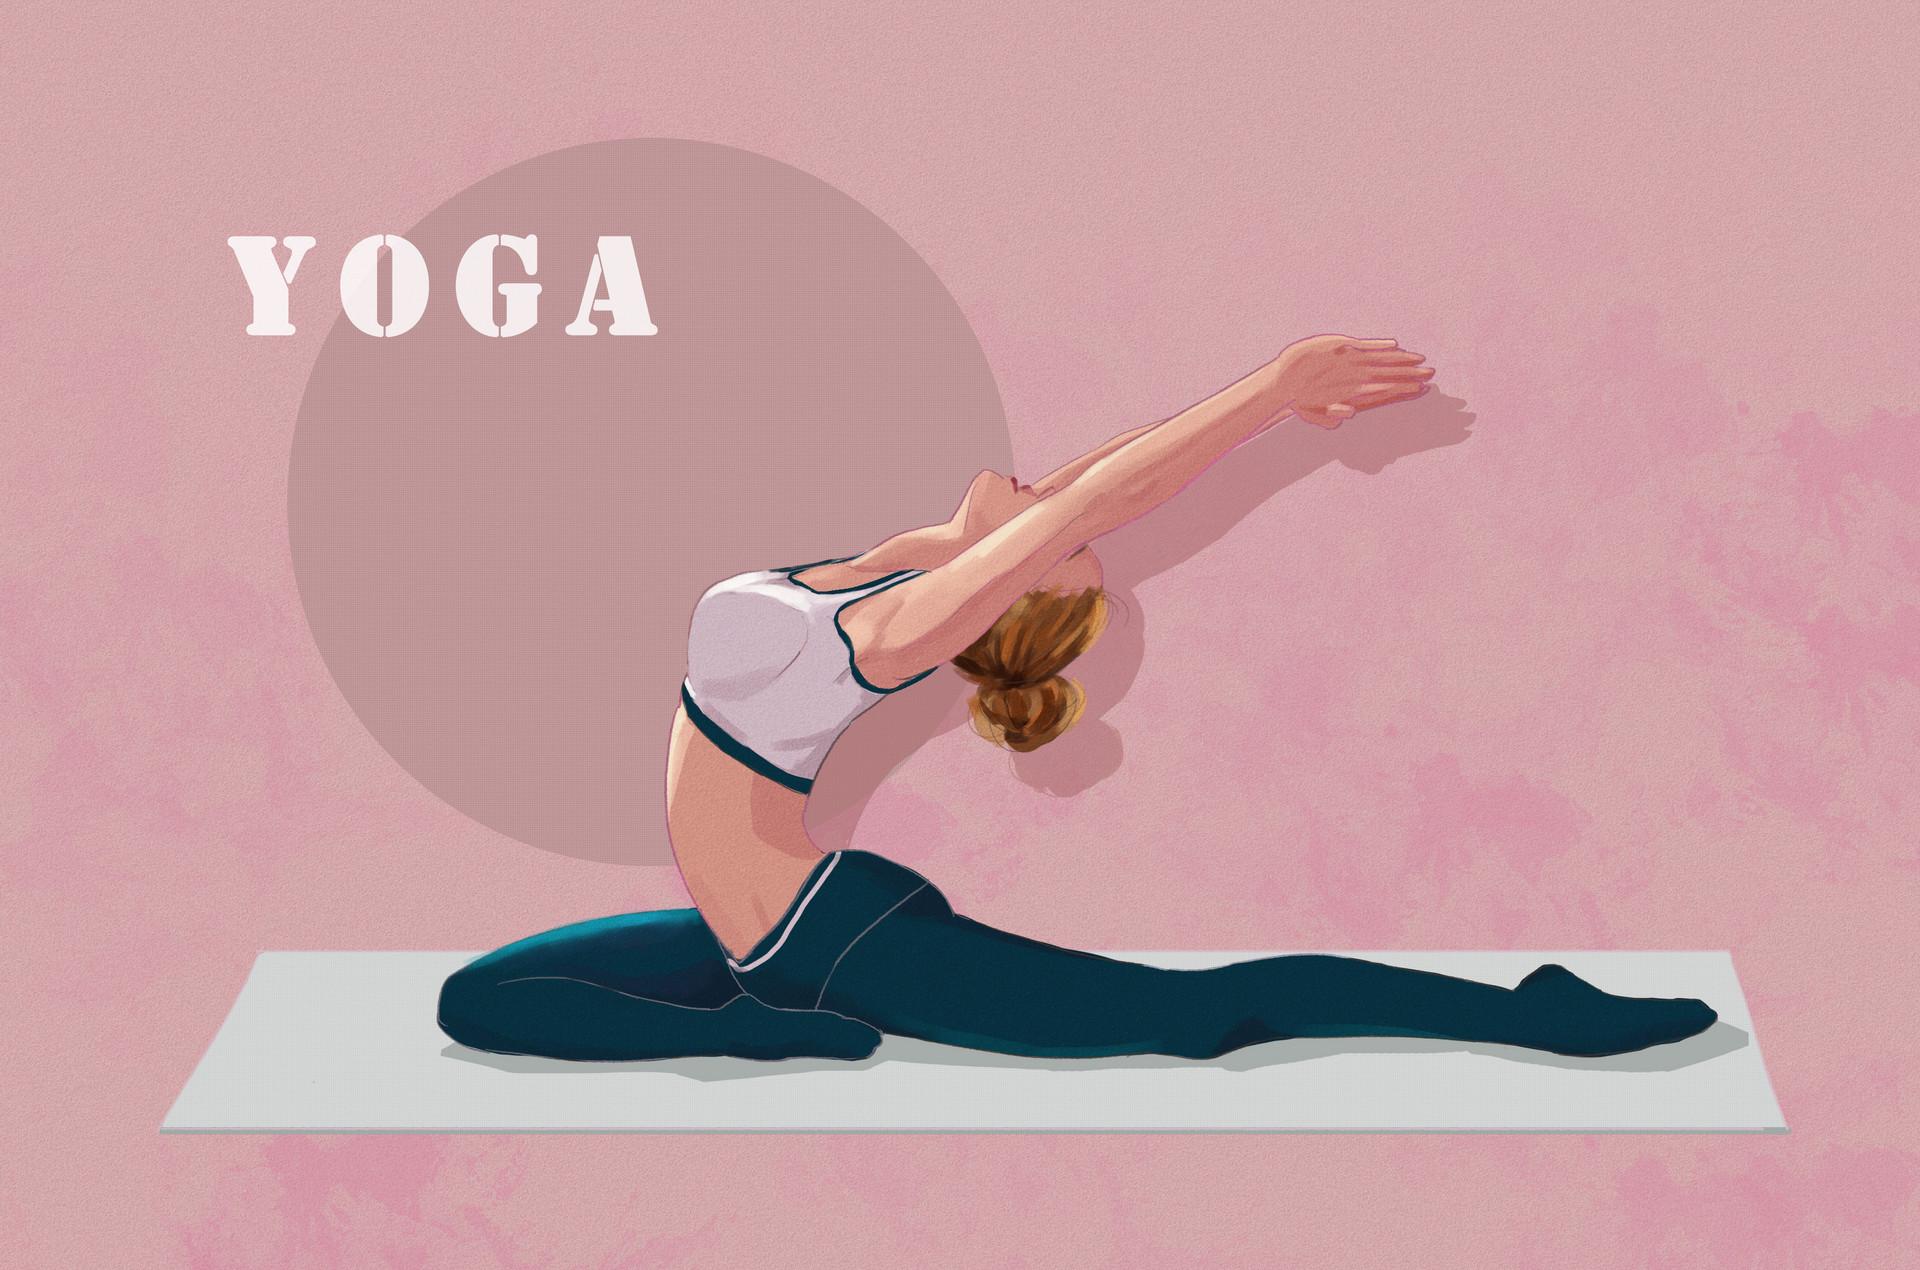 北京瑜伽教练培训哪家好?学费大概需要多少钱?